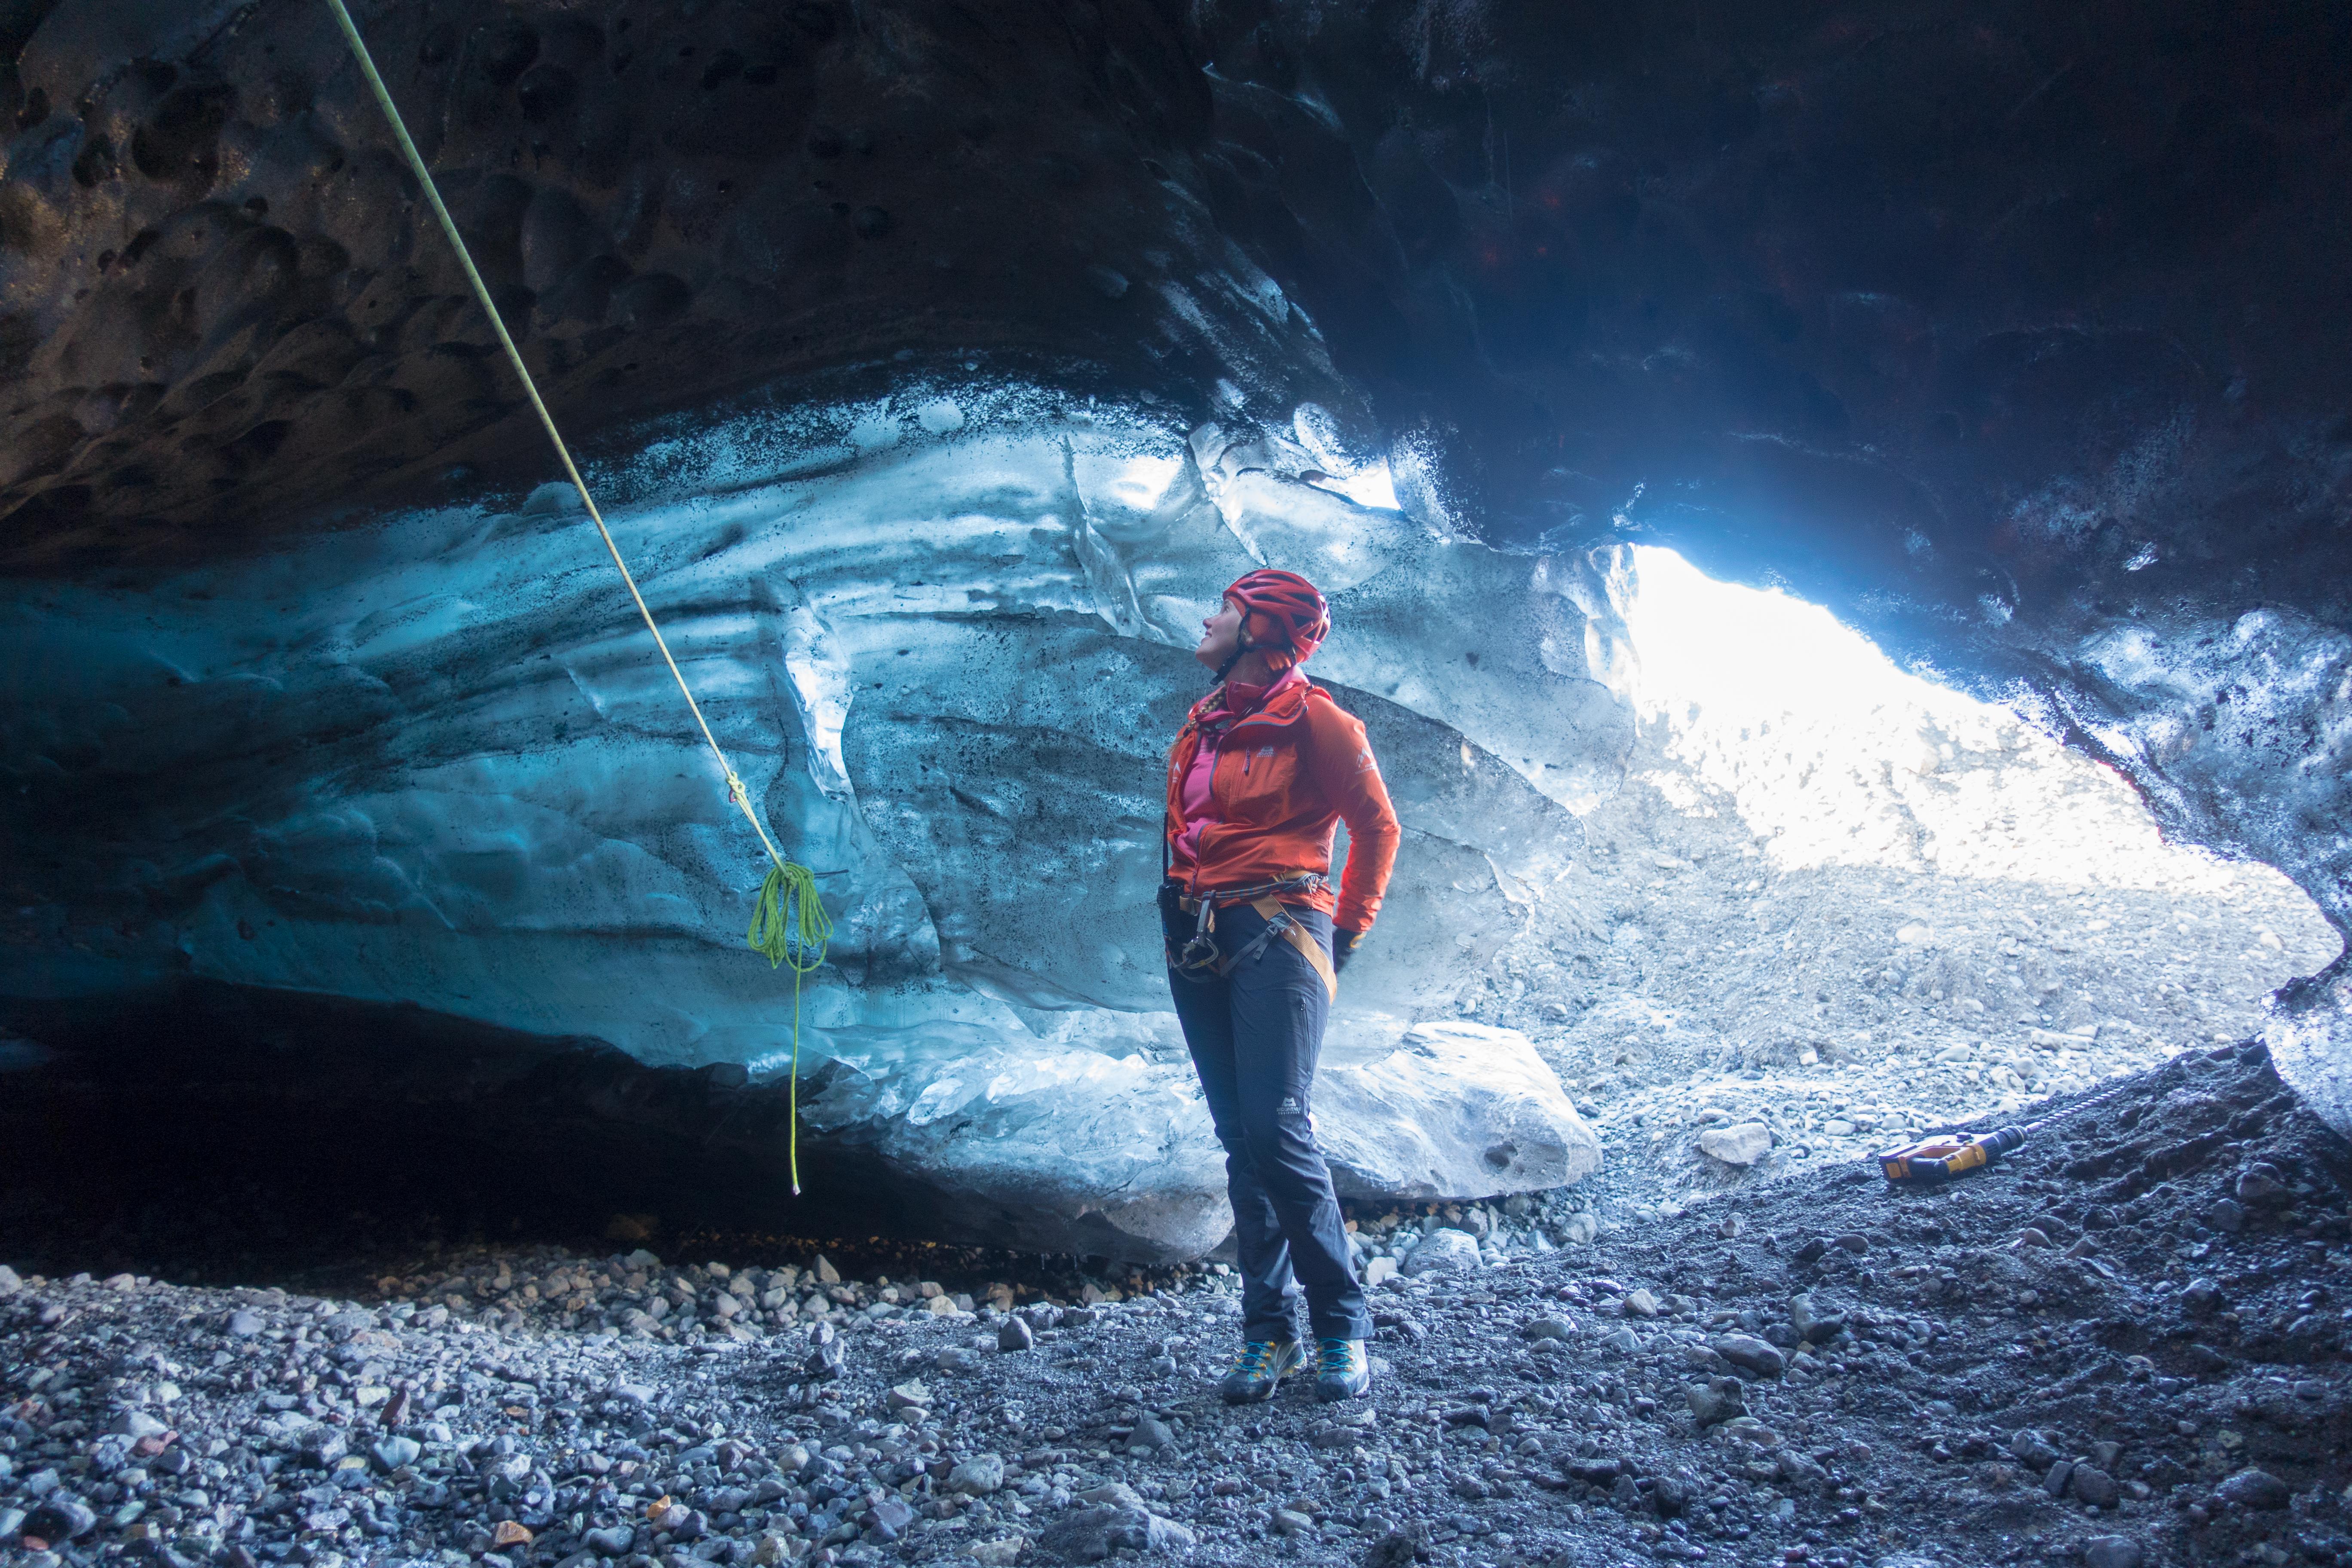 Podczas wycieczki po jaskini lodowej z rezerwatu przyrody Skaftafell zobaczysz spektakularny niebieski lód ścian jaskini.